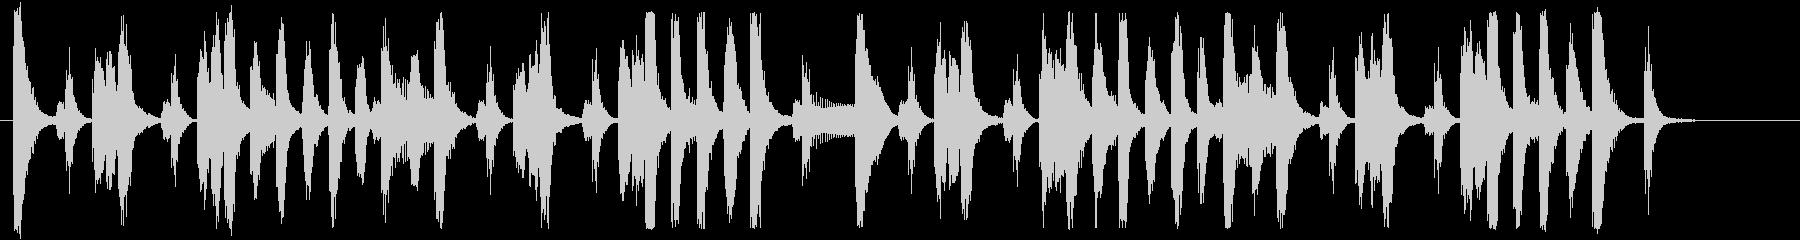 元気のいいポップなブラスジングル 18秒の未再生の波形